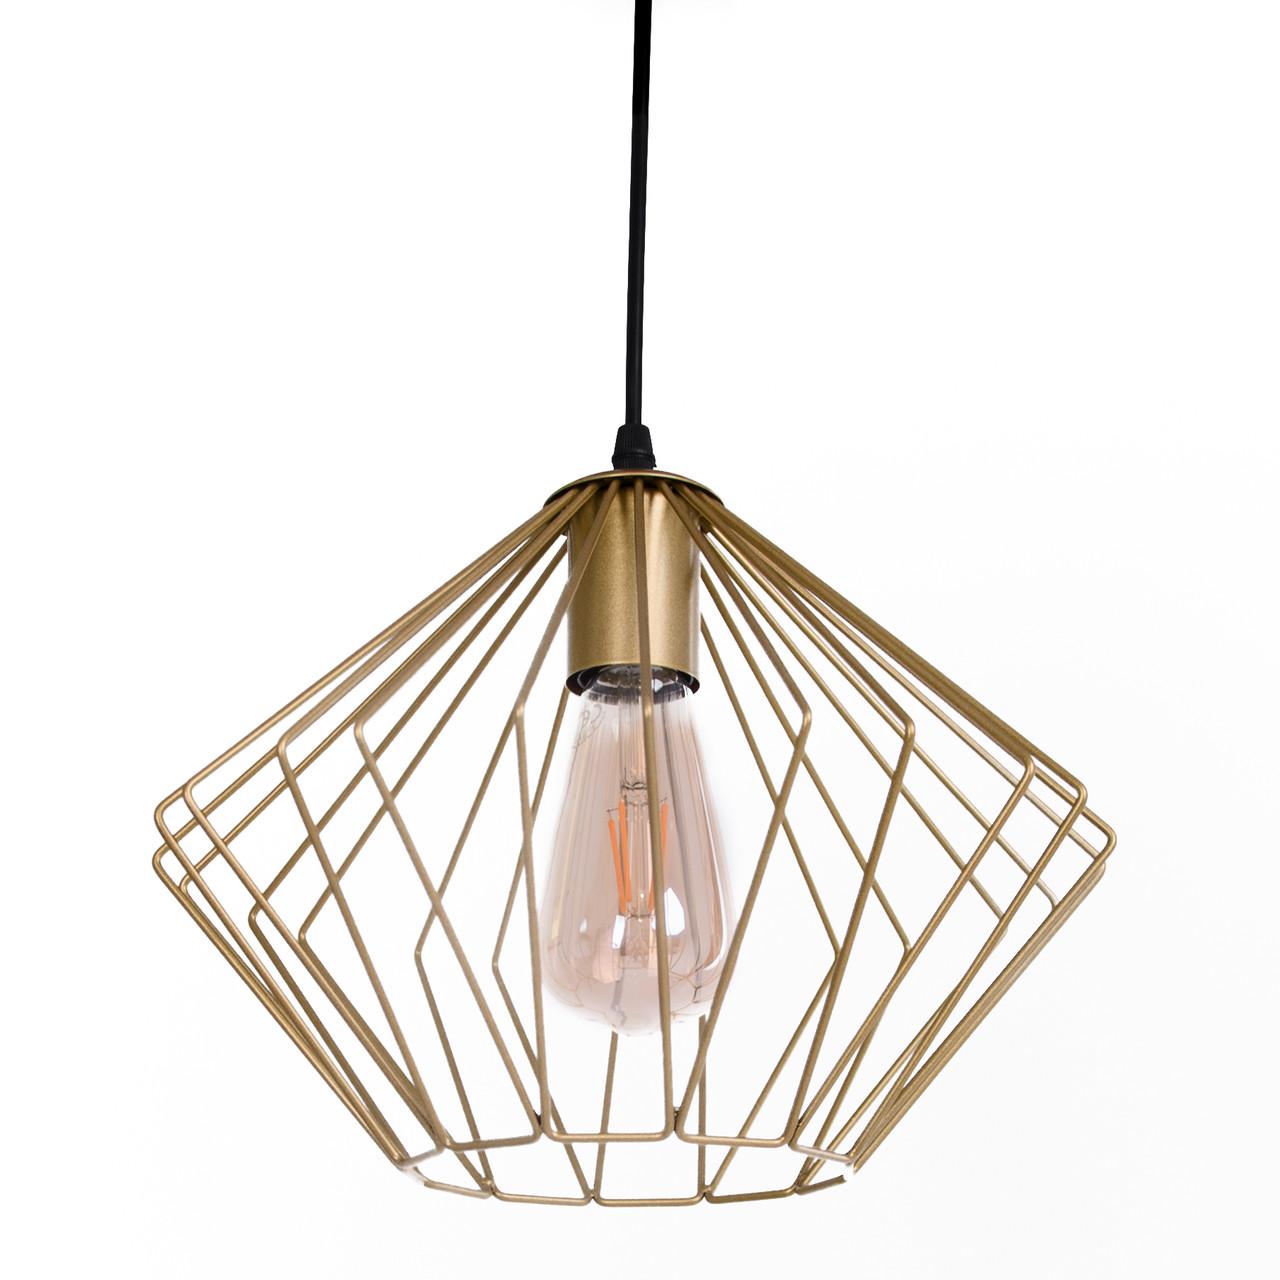 Потолочный подвесной светильник Atma Light серии Rhomb-S P300 Gold